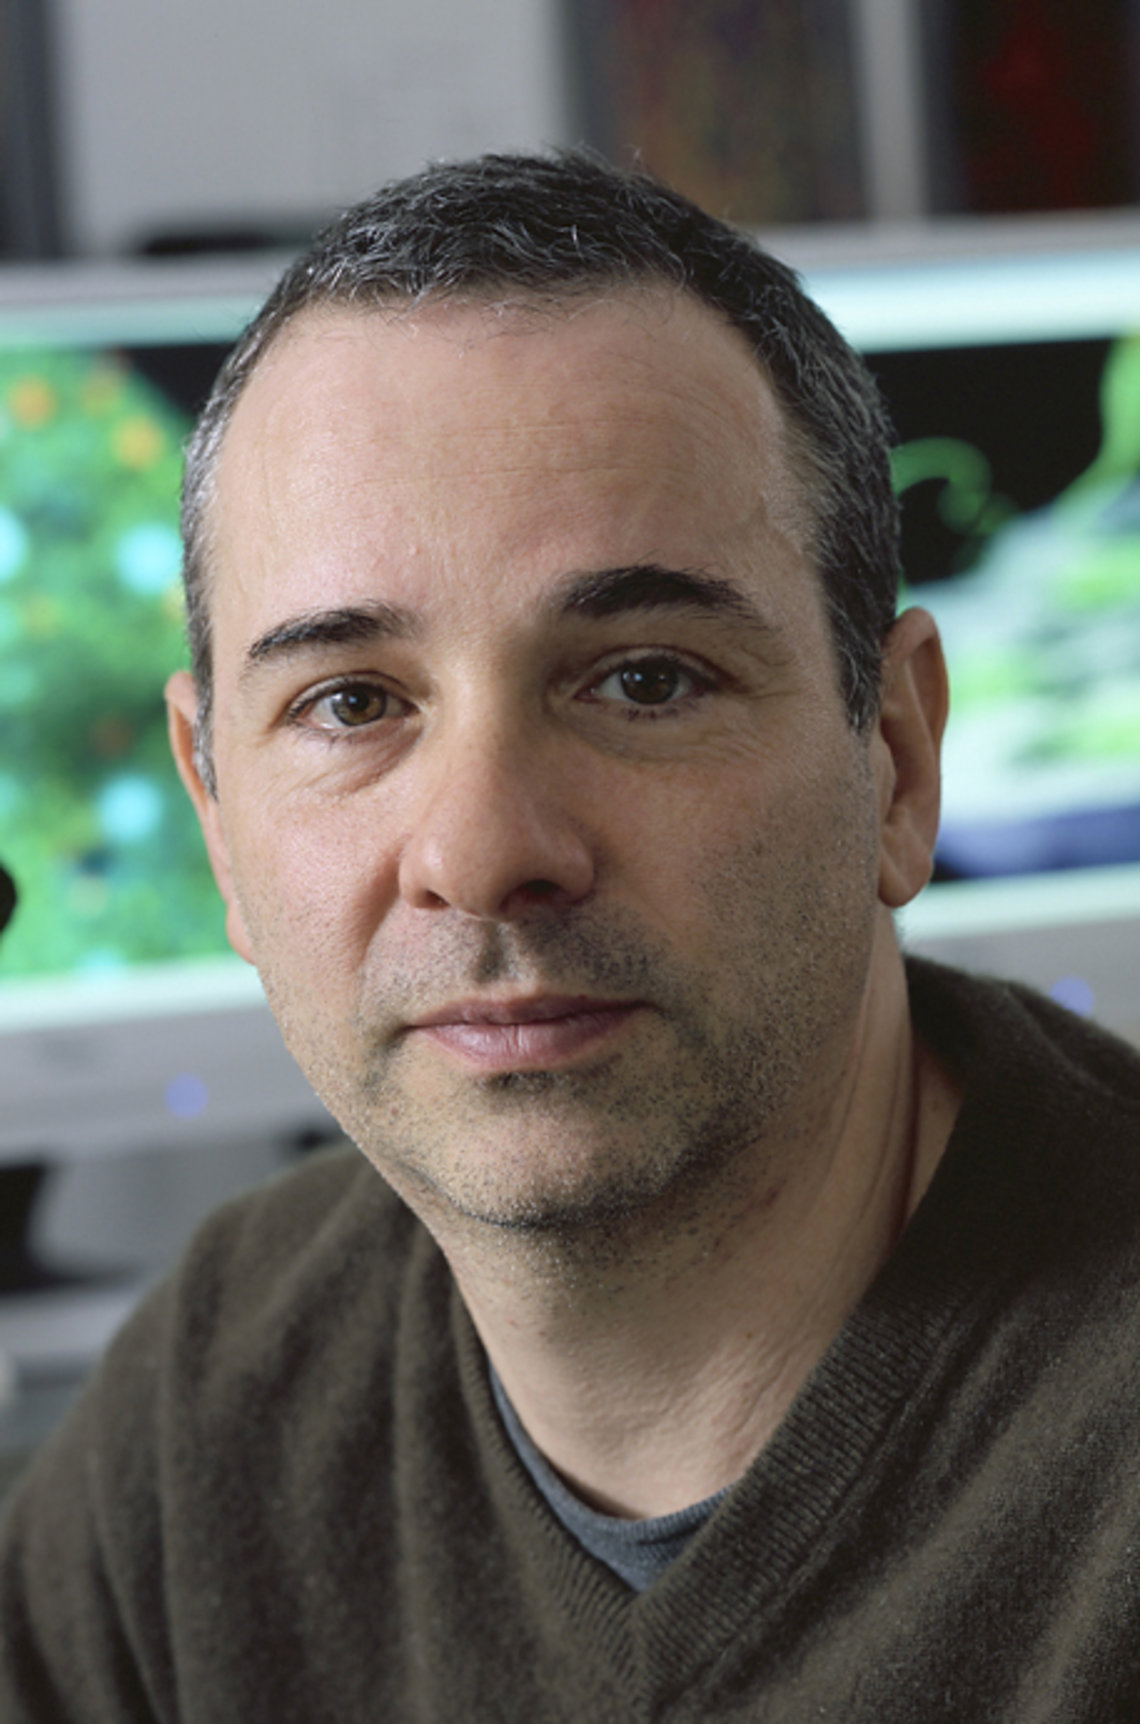 Dr. Nussenzweig